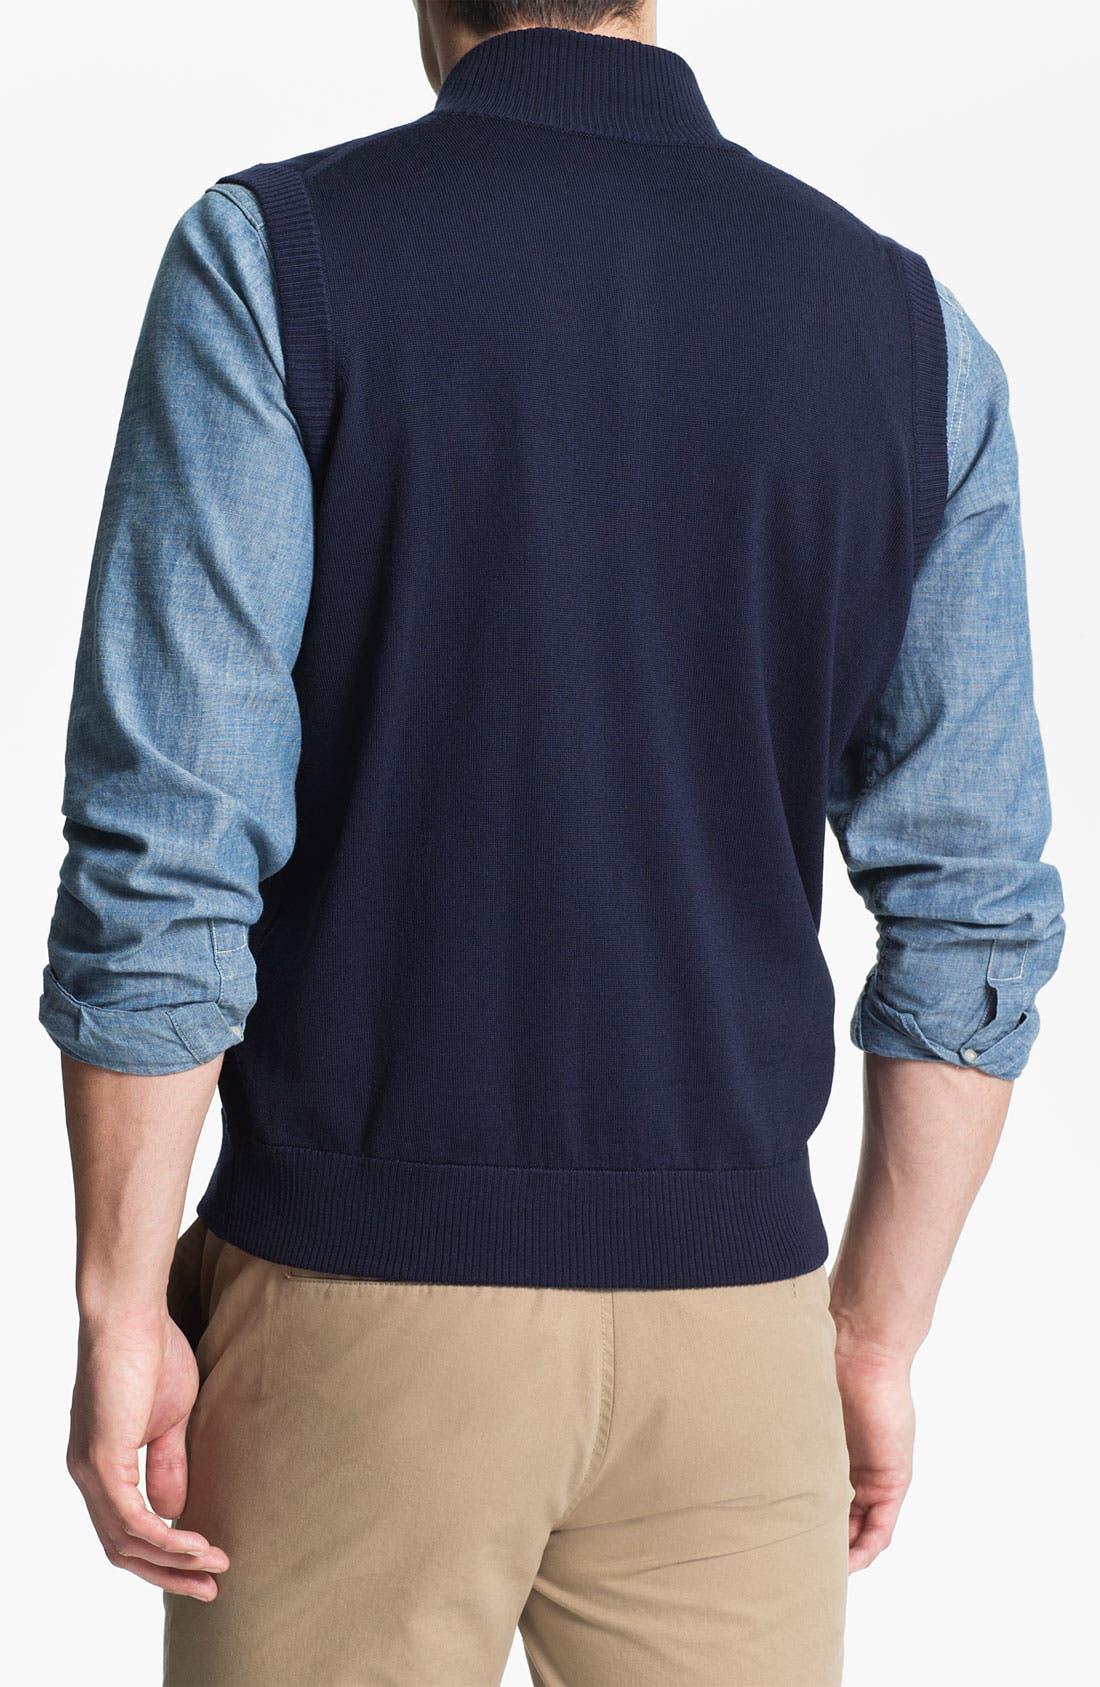 Alternate Image 2  - Thomas Dean 'Michigan' Quarter Zip Sweater Vest